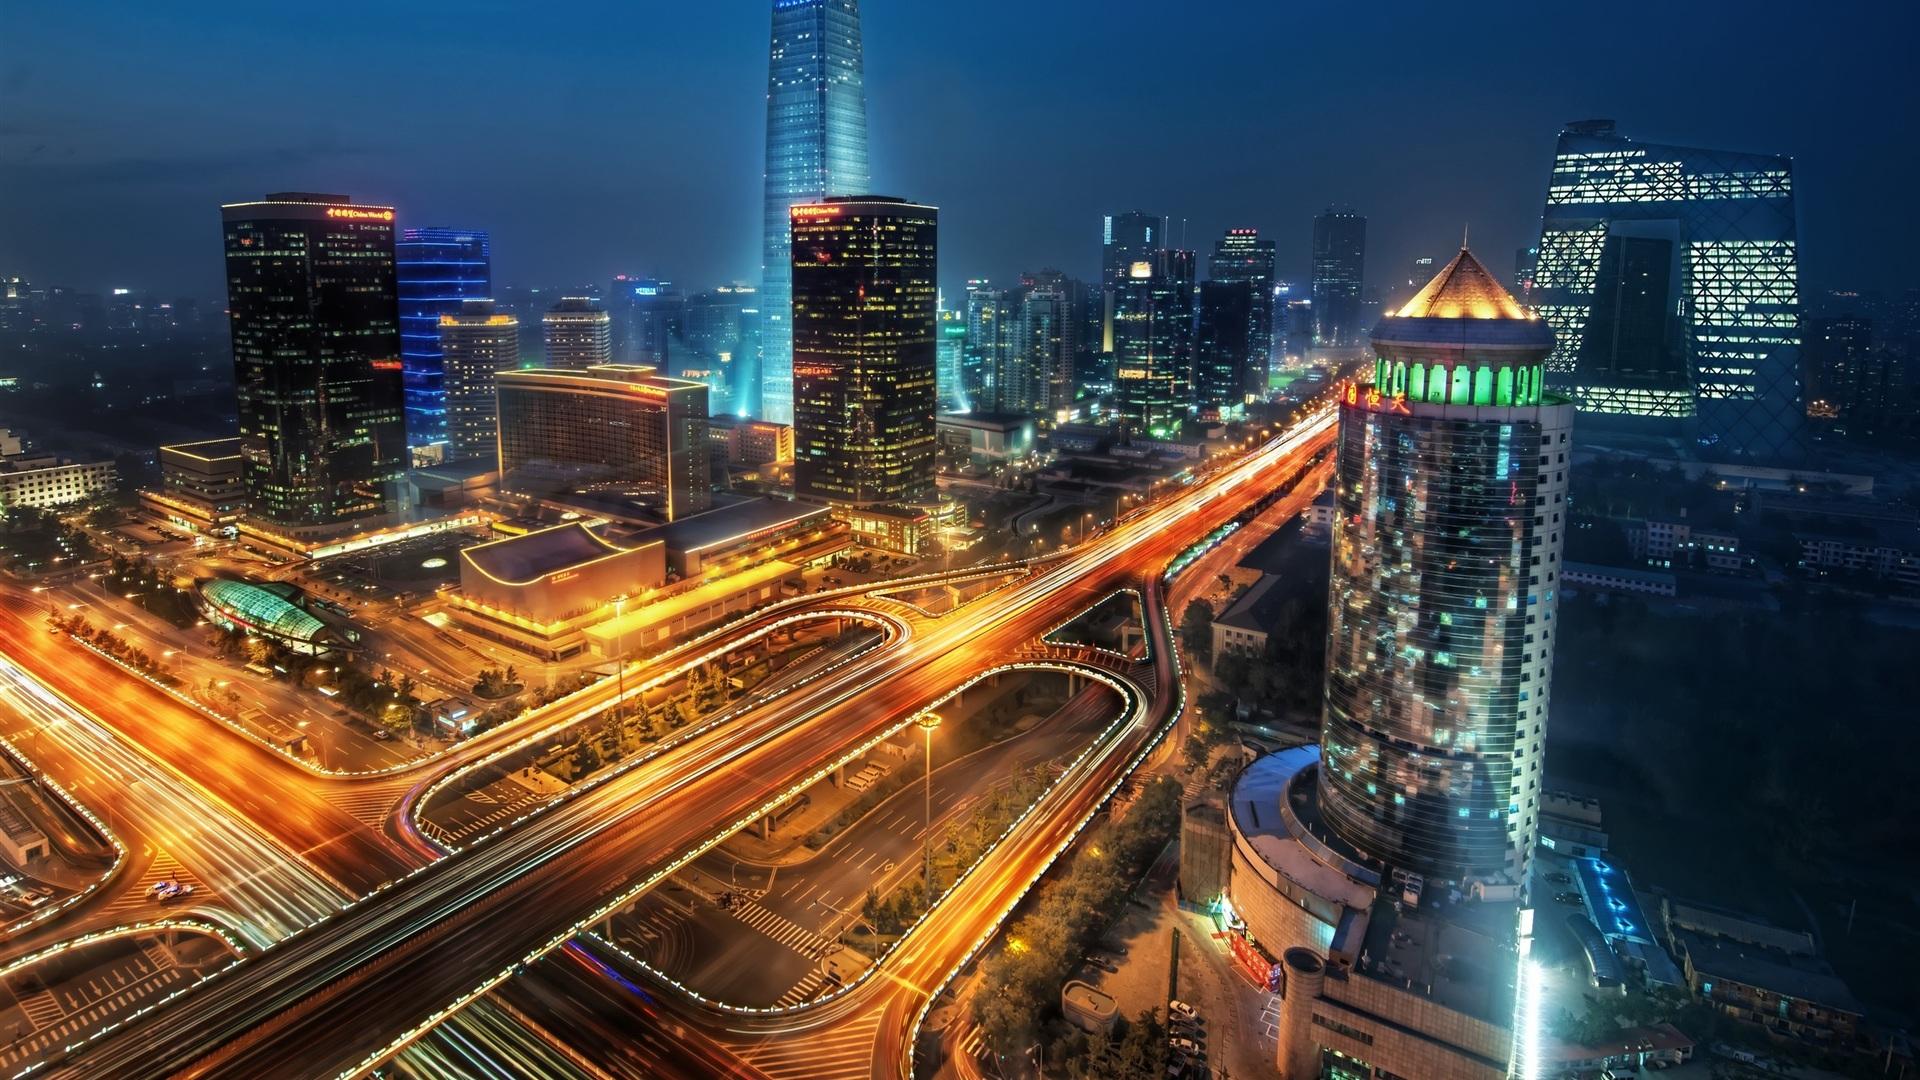 壁纸摩天大楼的夜景灯光2560x1600 Hd 高清壁纸 图片 照片